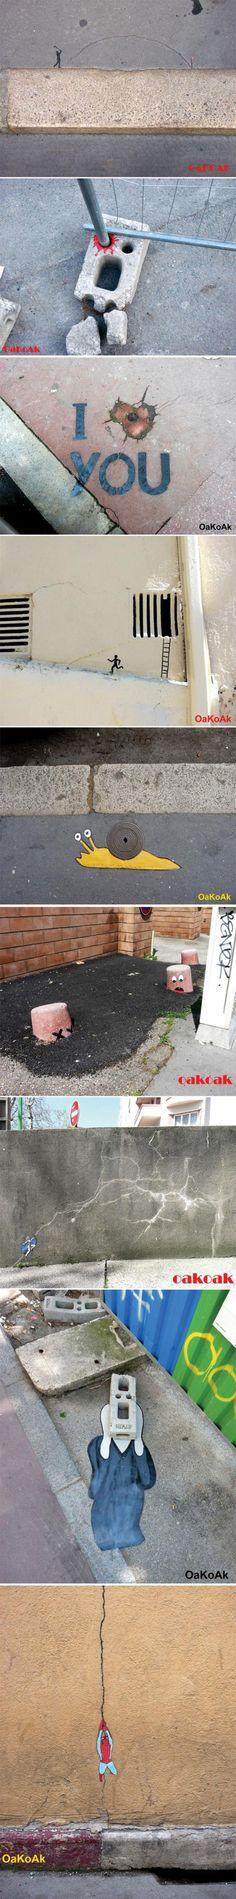 street art creatif